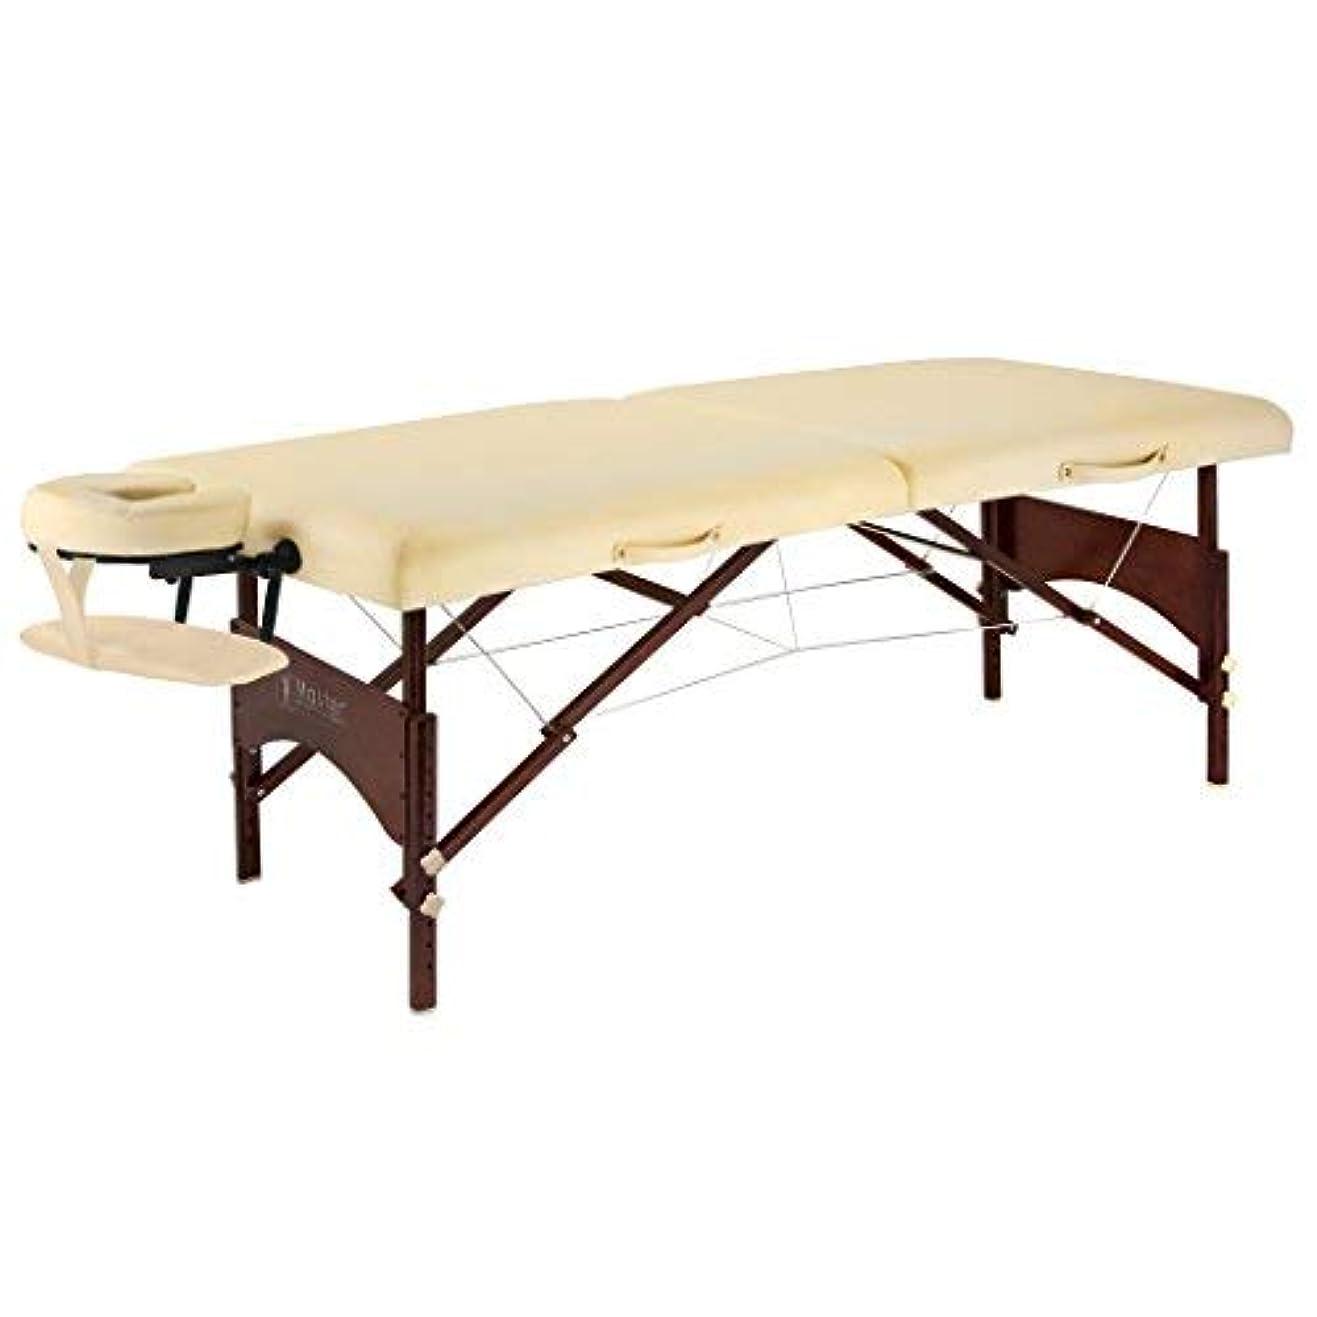 滑り台植生包括的Master Massage 28 Argo Portable Massage Table in Cream with Walnut Legs [並行輸入品]